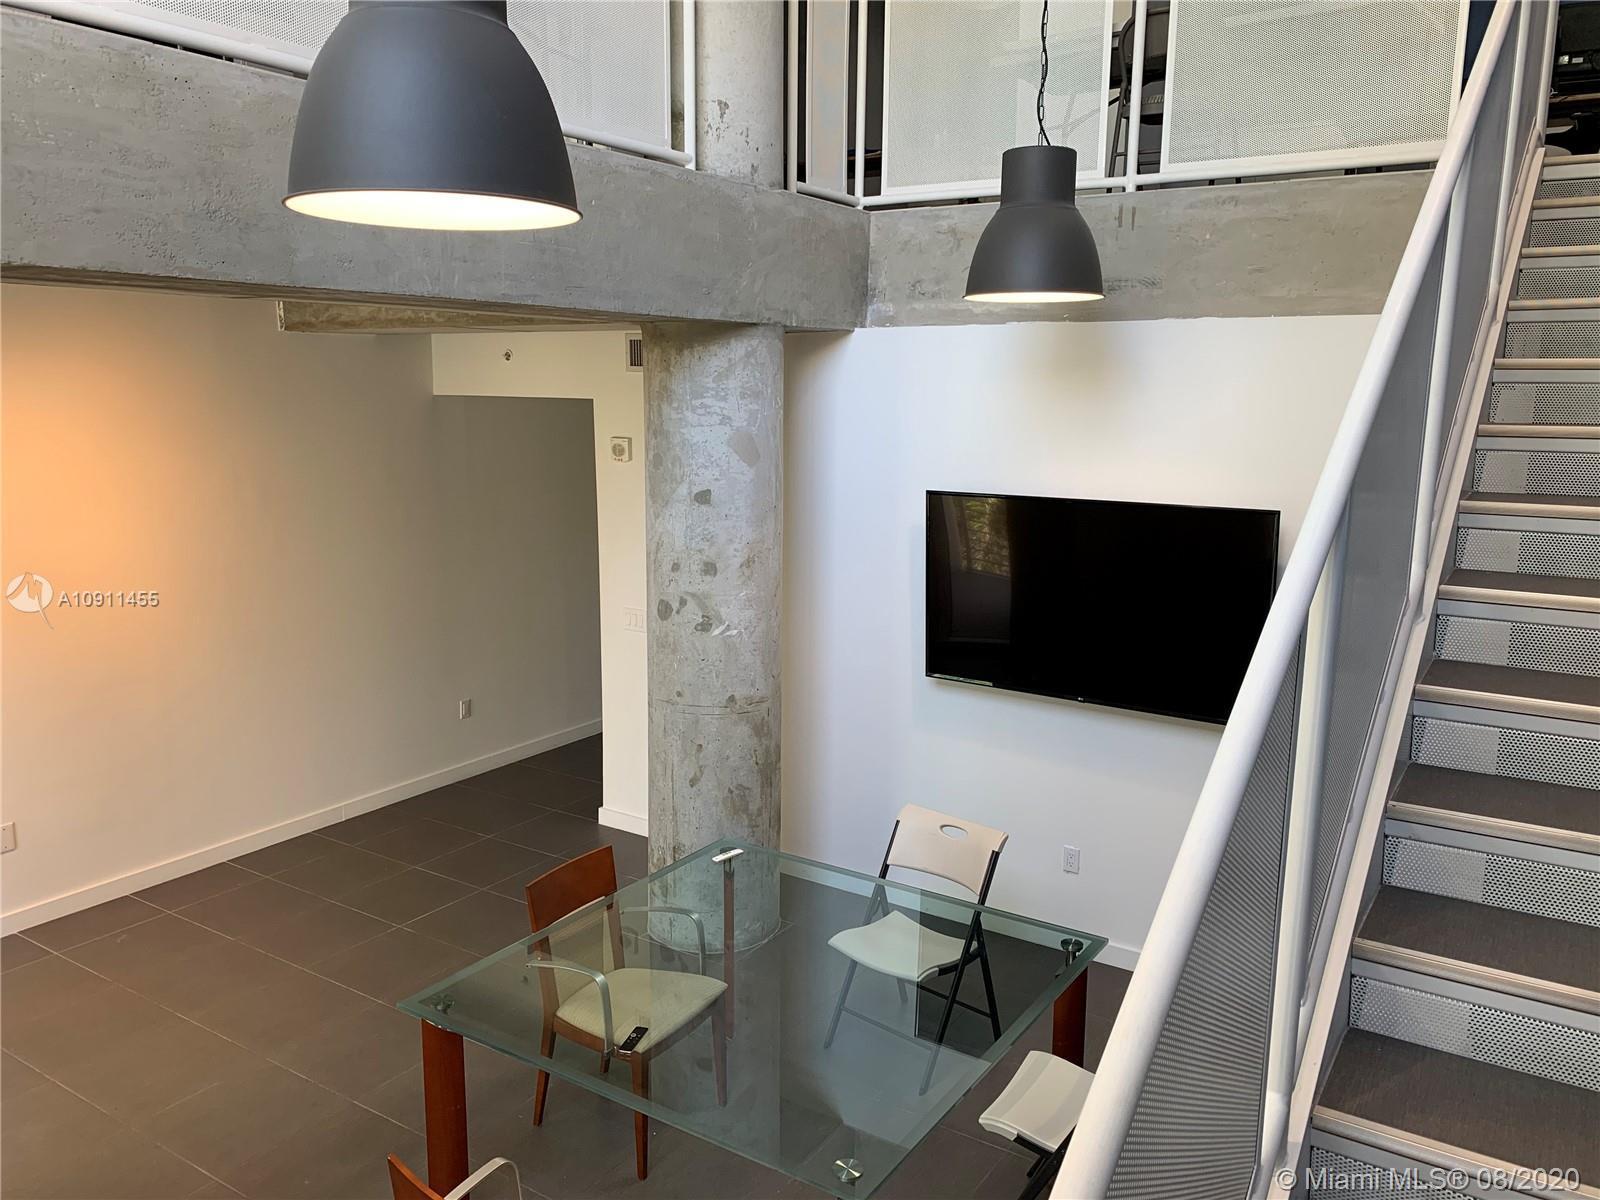 AMAZING LIVE & WORK UNIT LOFT  - 1 Bath MODERN FLOOR PLAN. European Kitchen cabinets. stainless stee